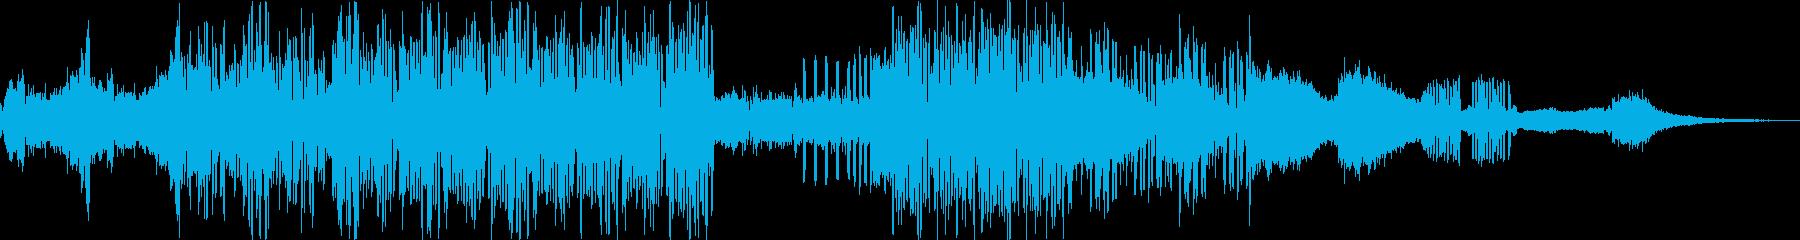 情熱的な繋がりをイメージしたBGMの再生済みの波形